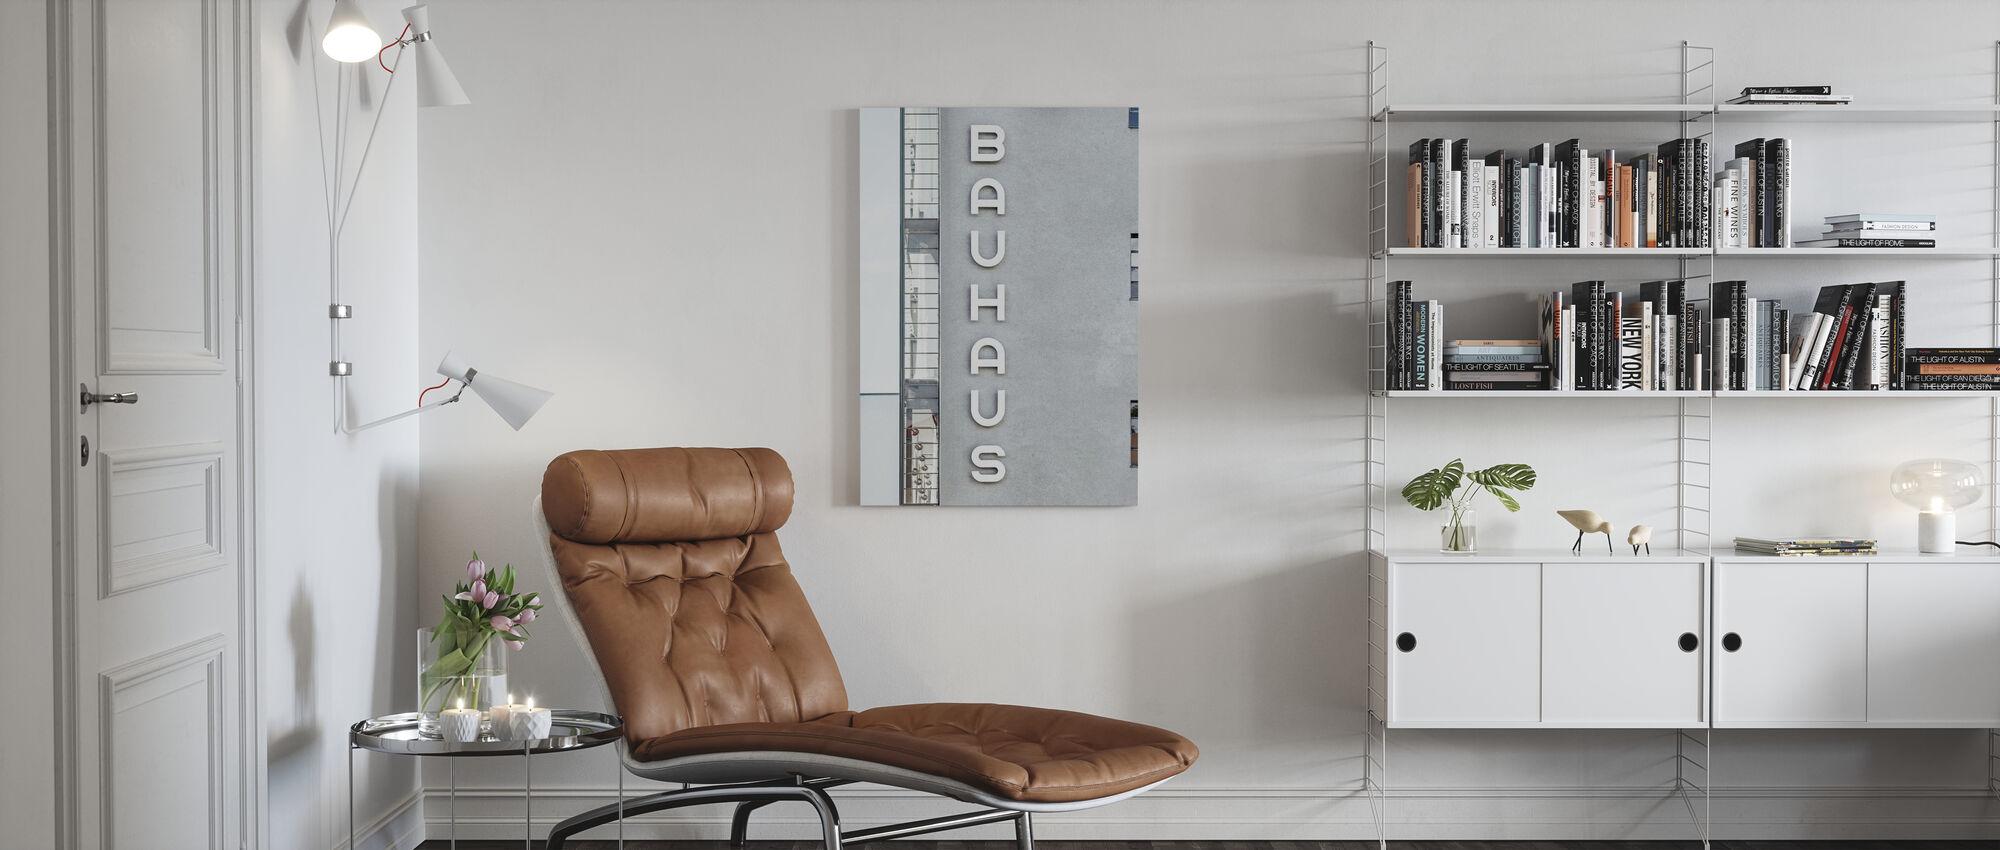 Bauhaus-Bauart - Leinwandbild - Wohnzimmer